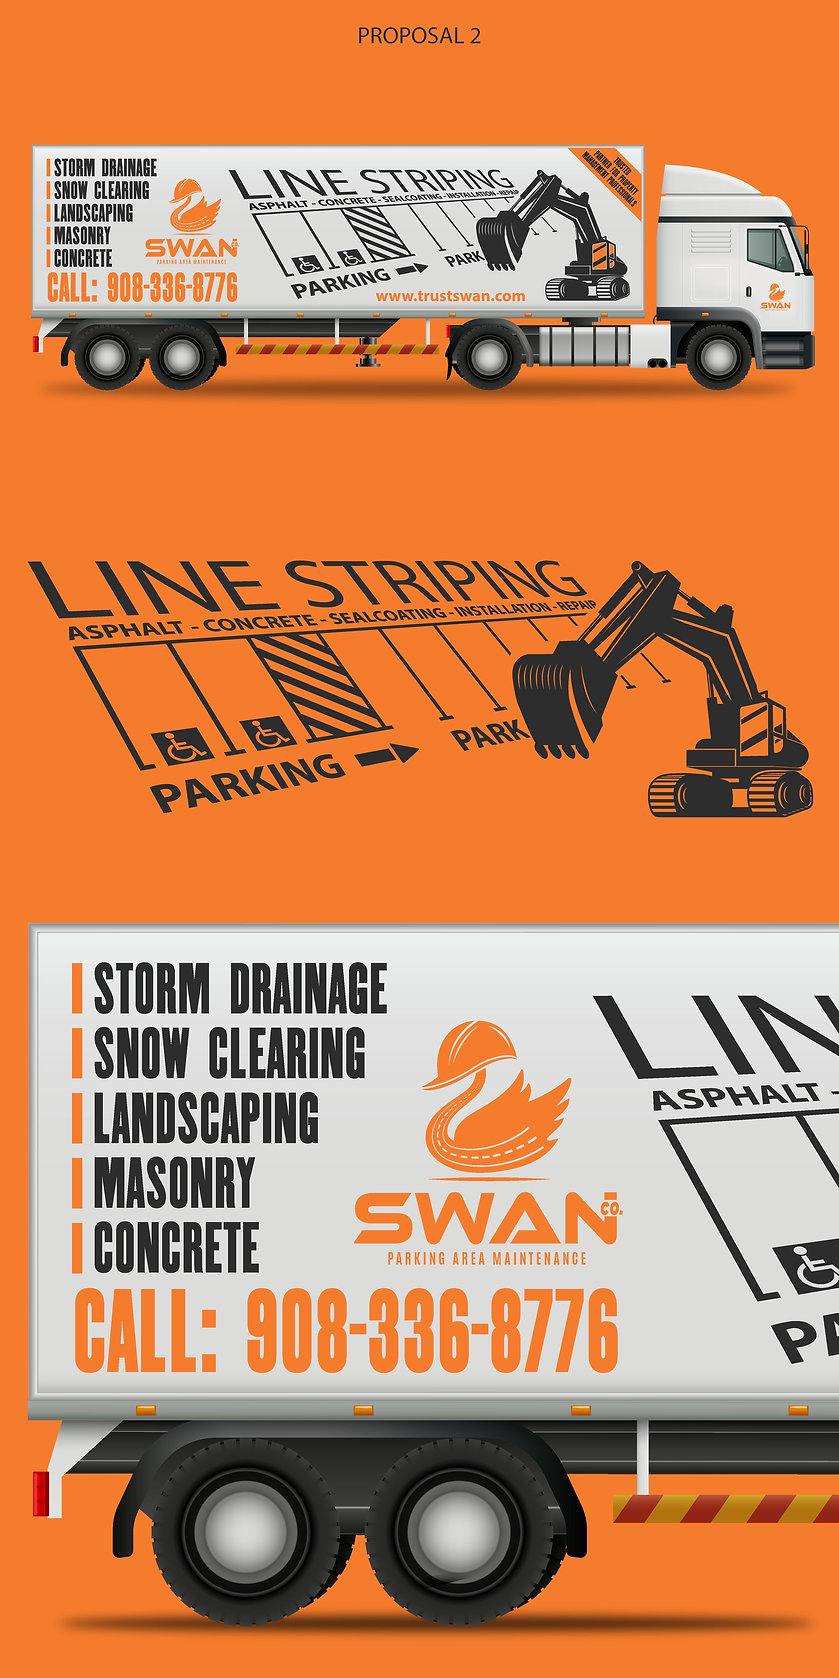 Swan-Line-Striping-2.jpg